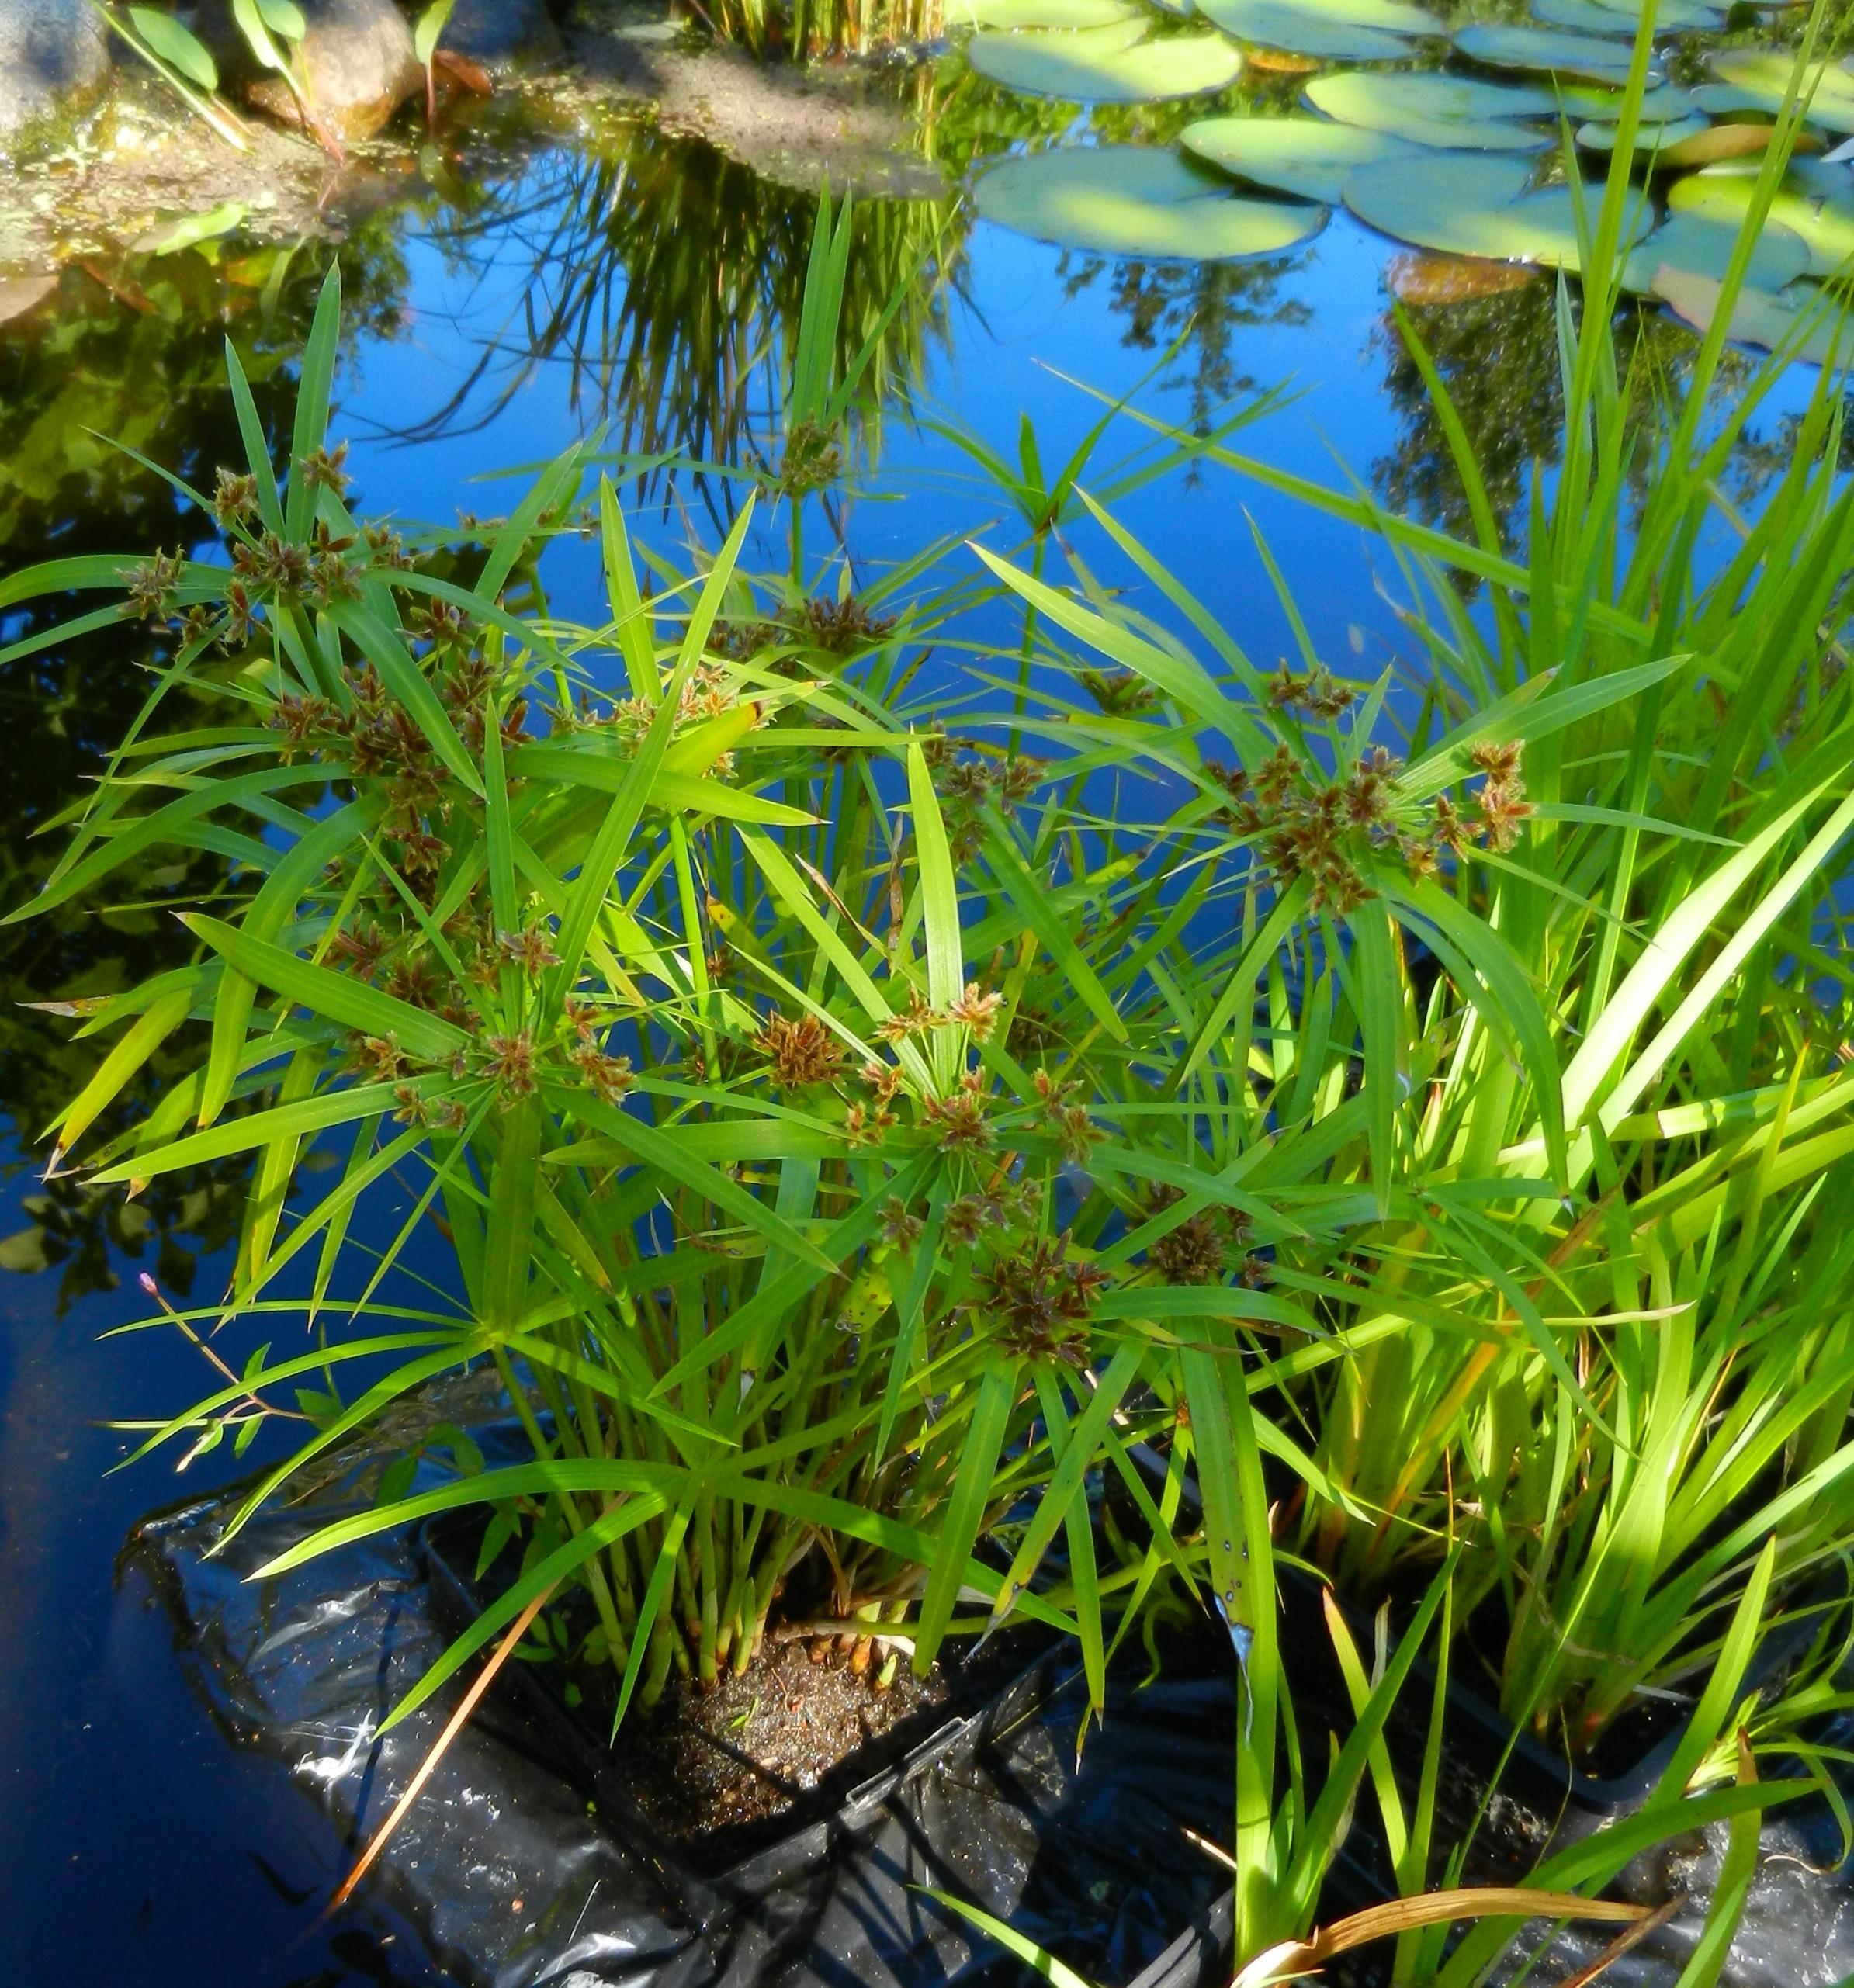 Pond plants g fletcher observations for Winter pond plants